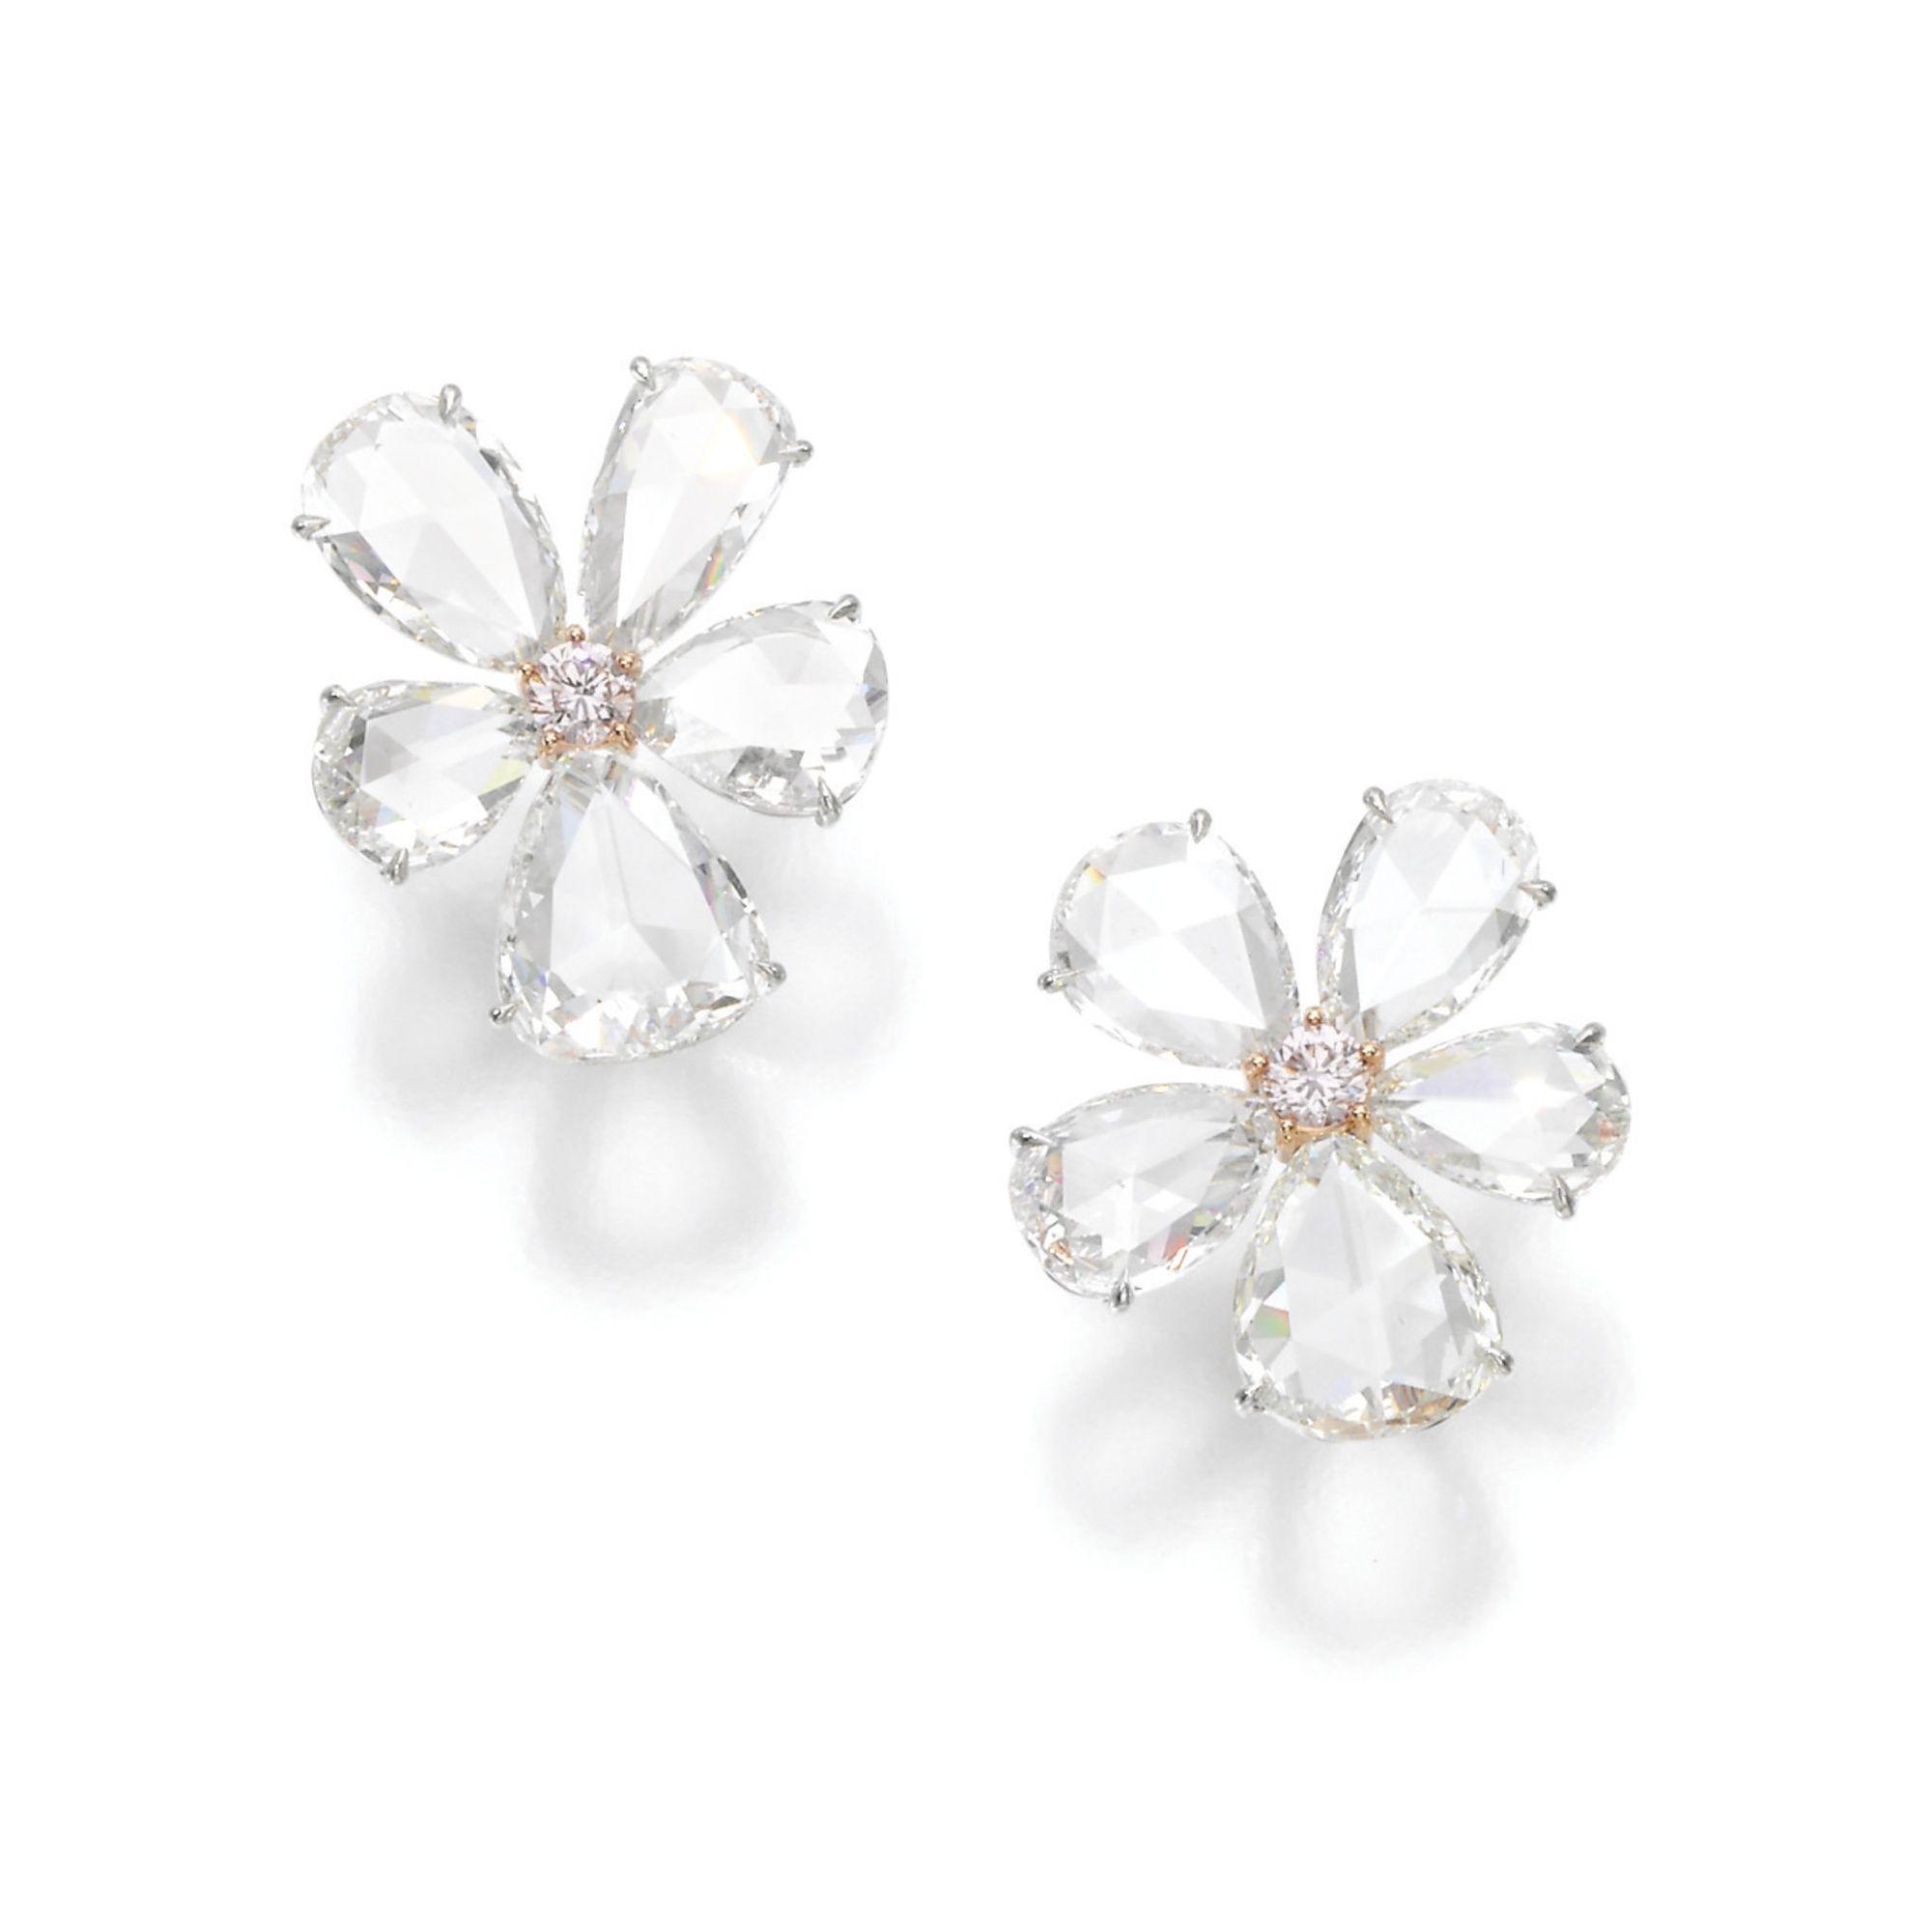 Pair Of Diamond Earrings Lot Sotheby S Fine Jewels Jewelry Auction Earrings